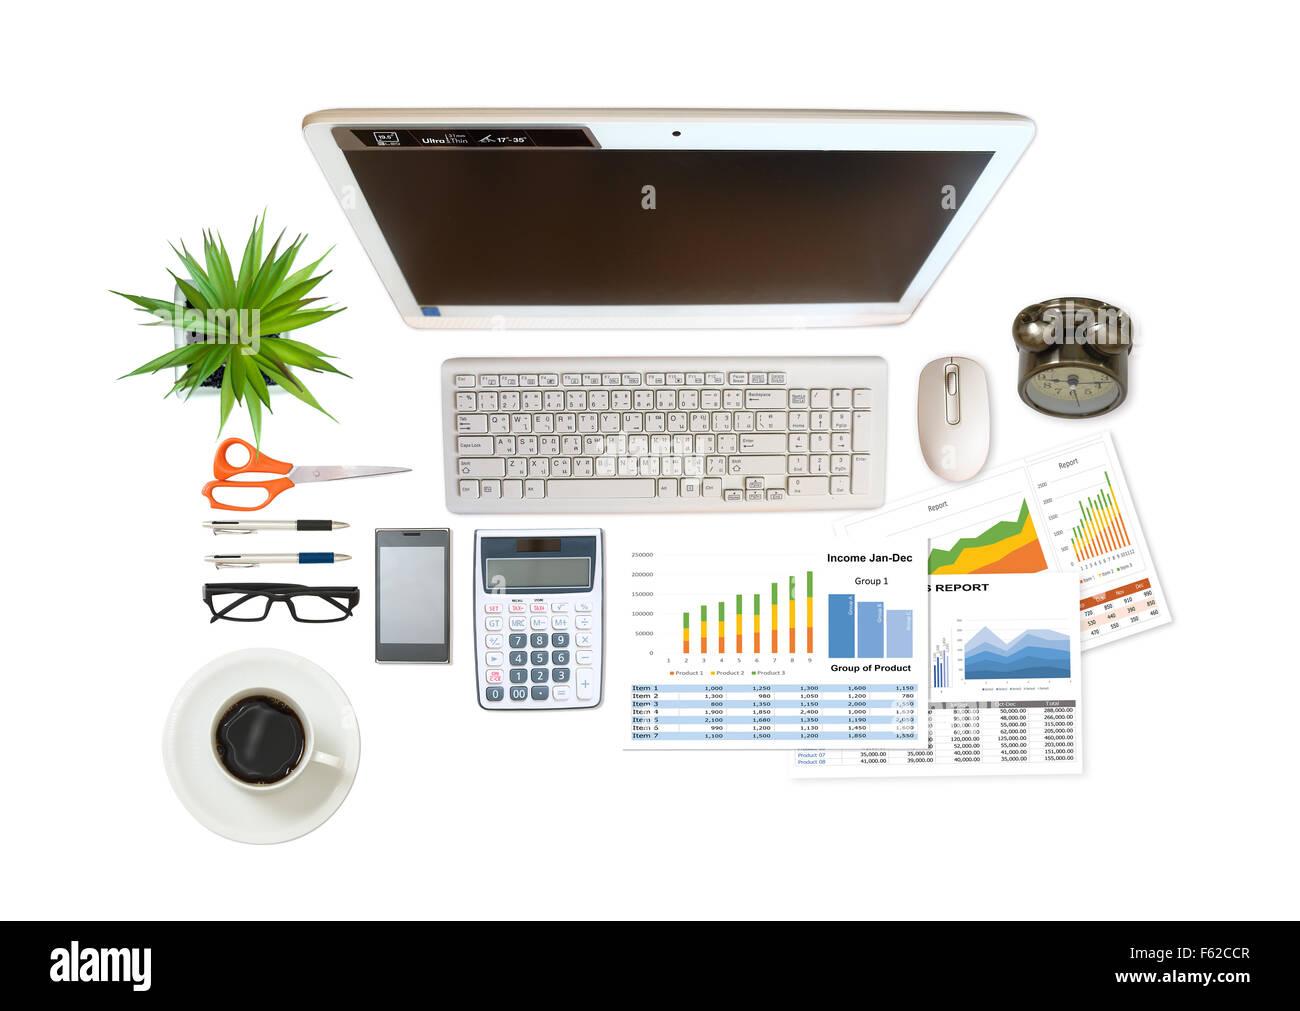 Imagen de empresa y un informe financiero sobre el fondo blanco. Foto de stock